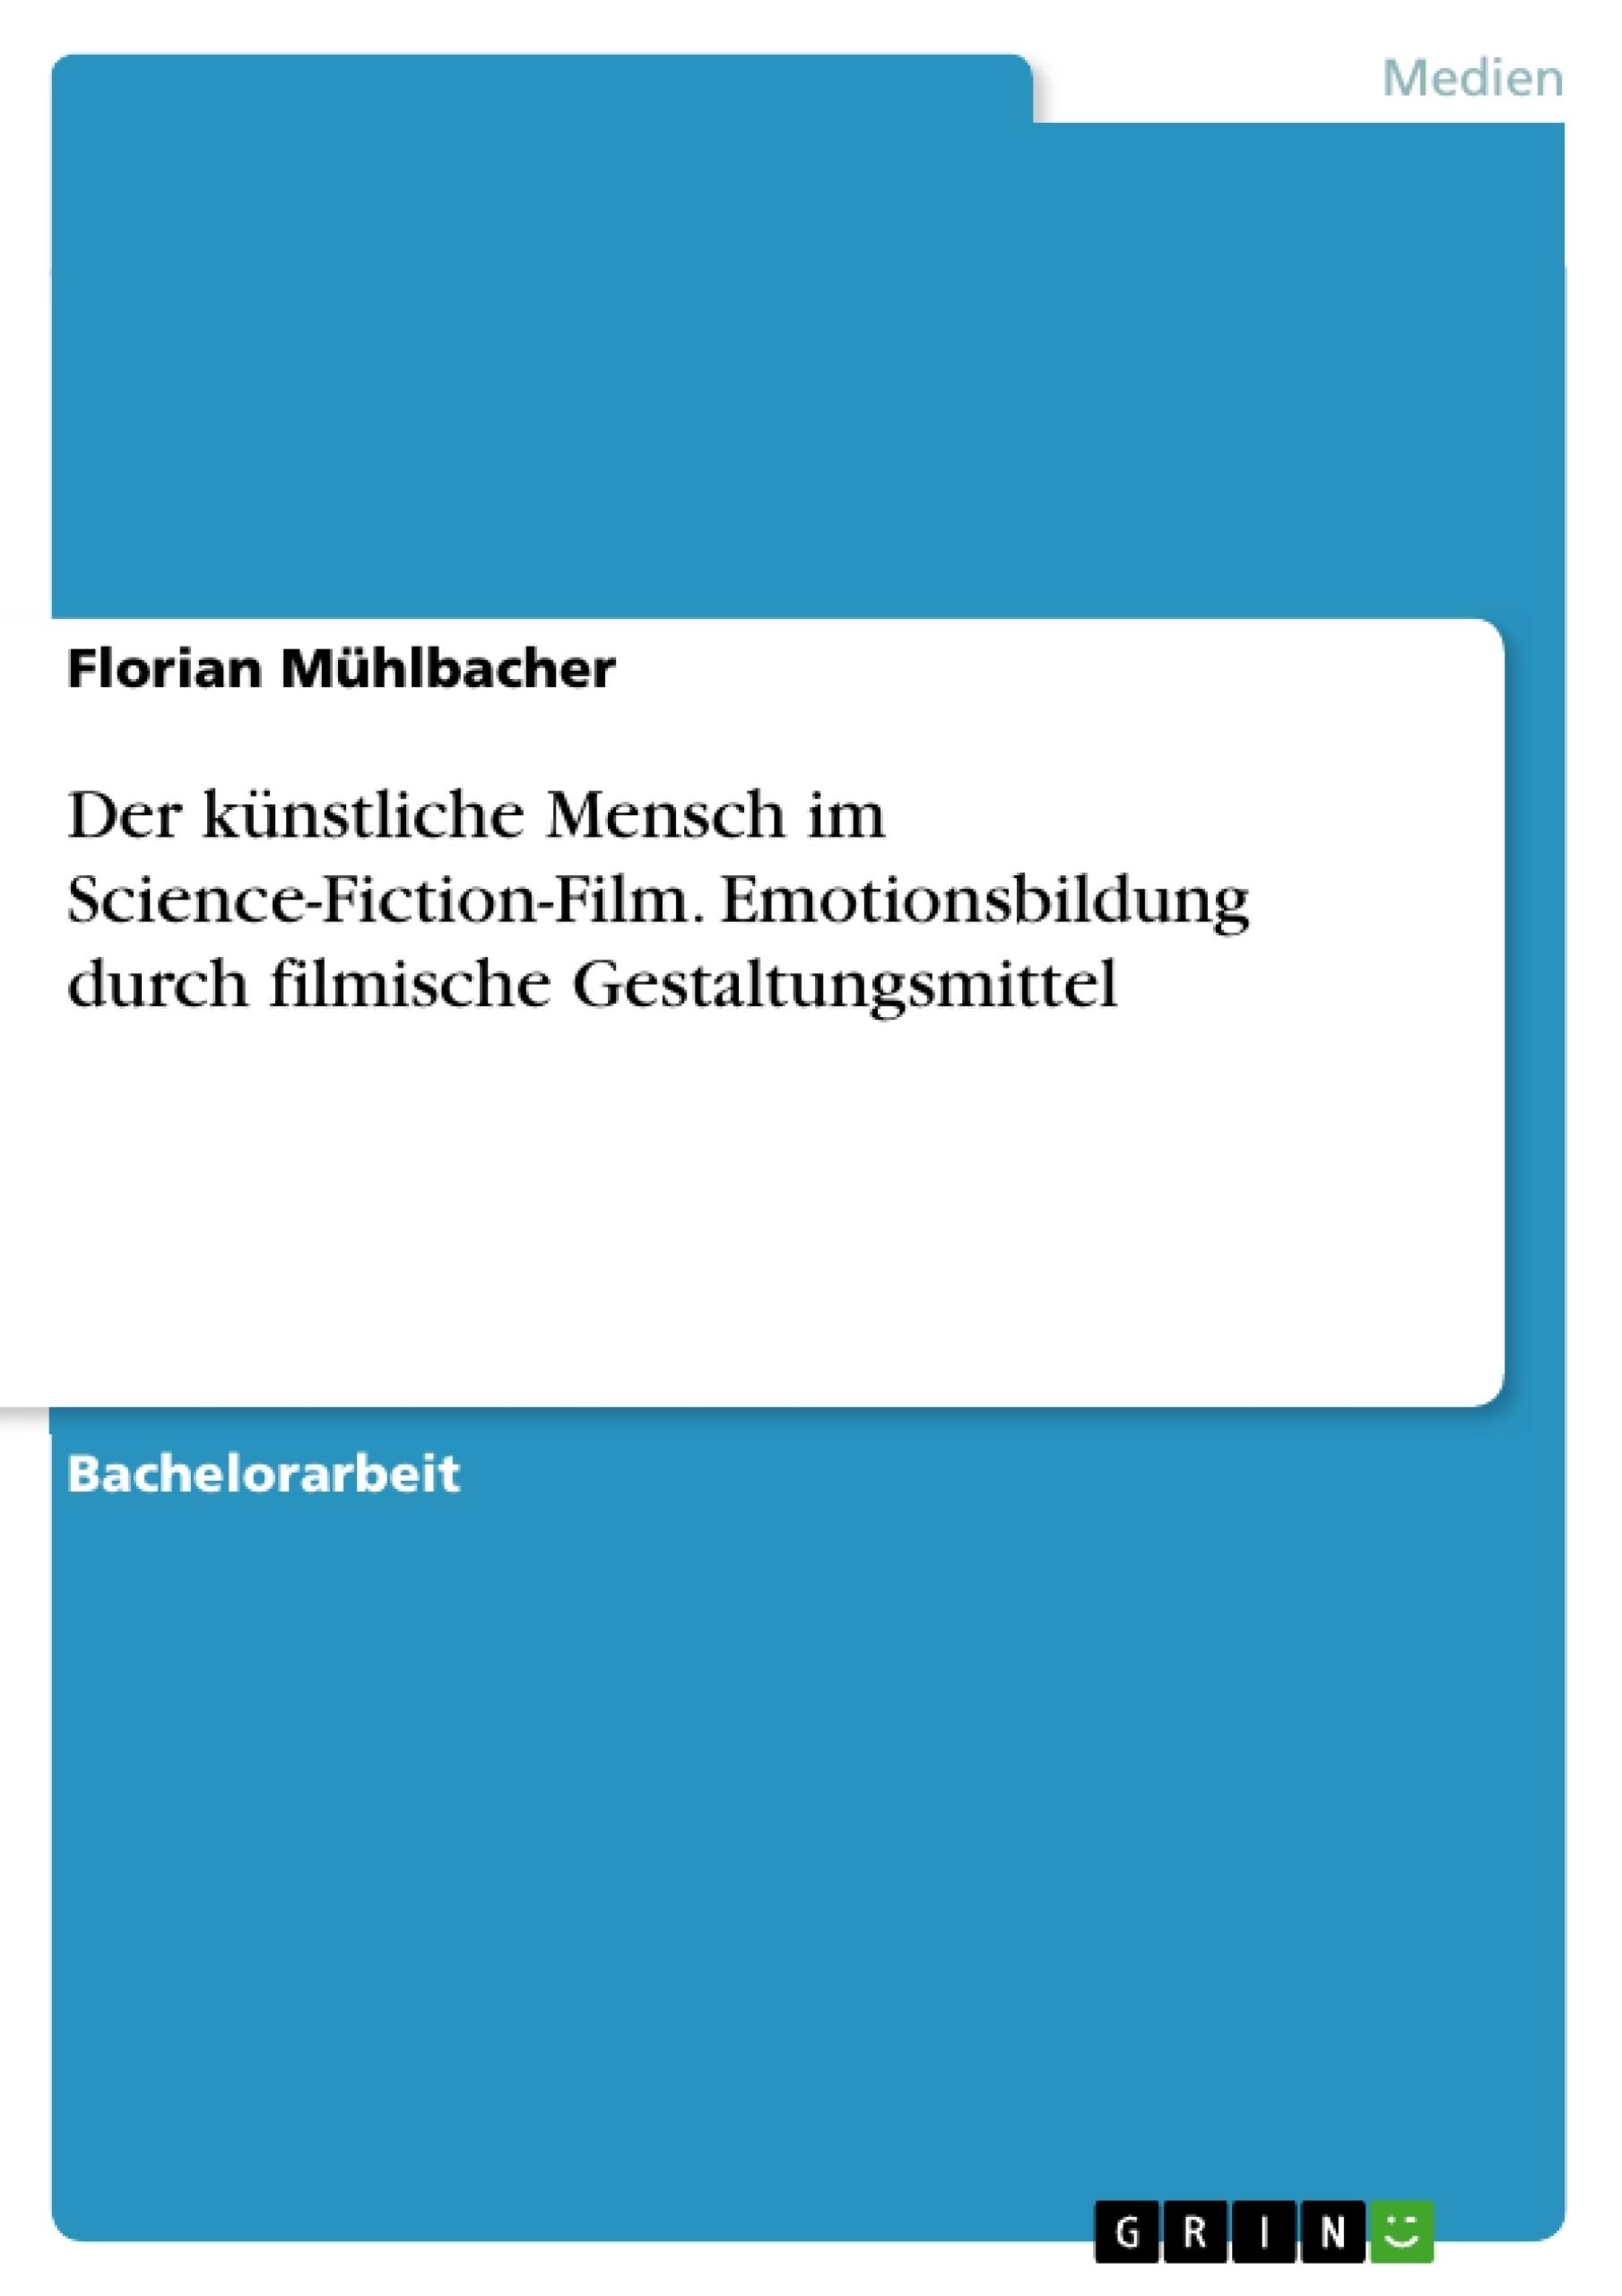 Titel: Der künstliche Mensch im Science-Fiction-Film. Emotionsbildung durch filmische Gestaltungsmittel